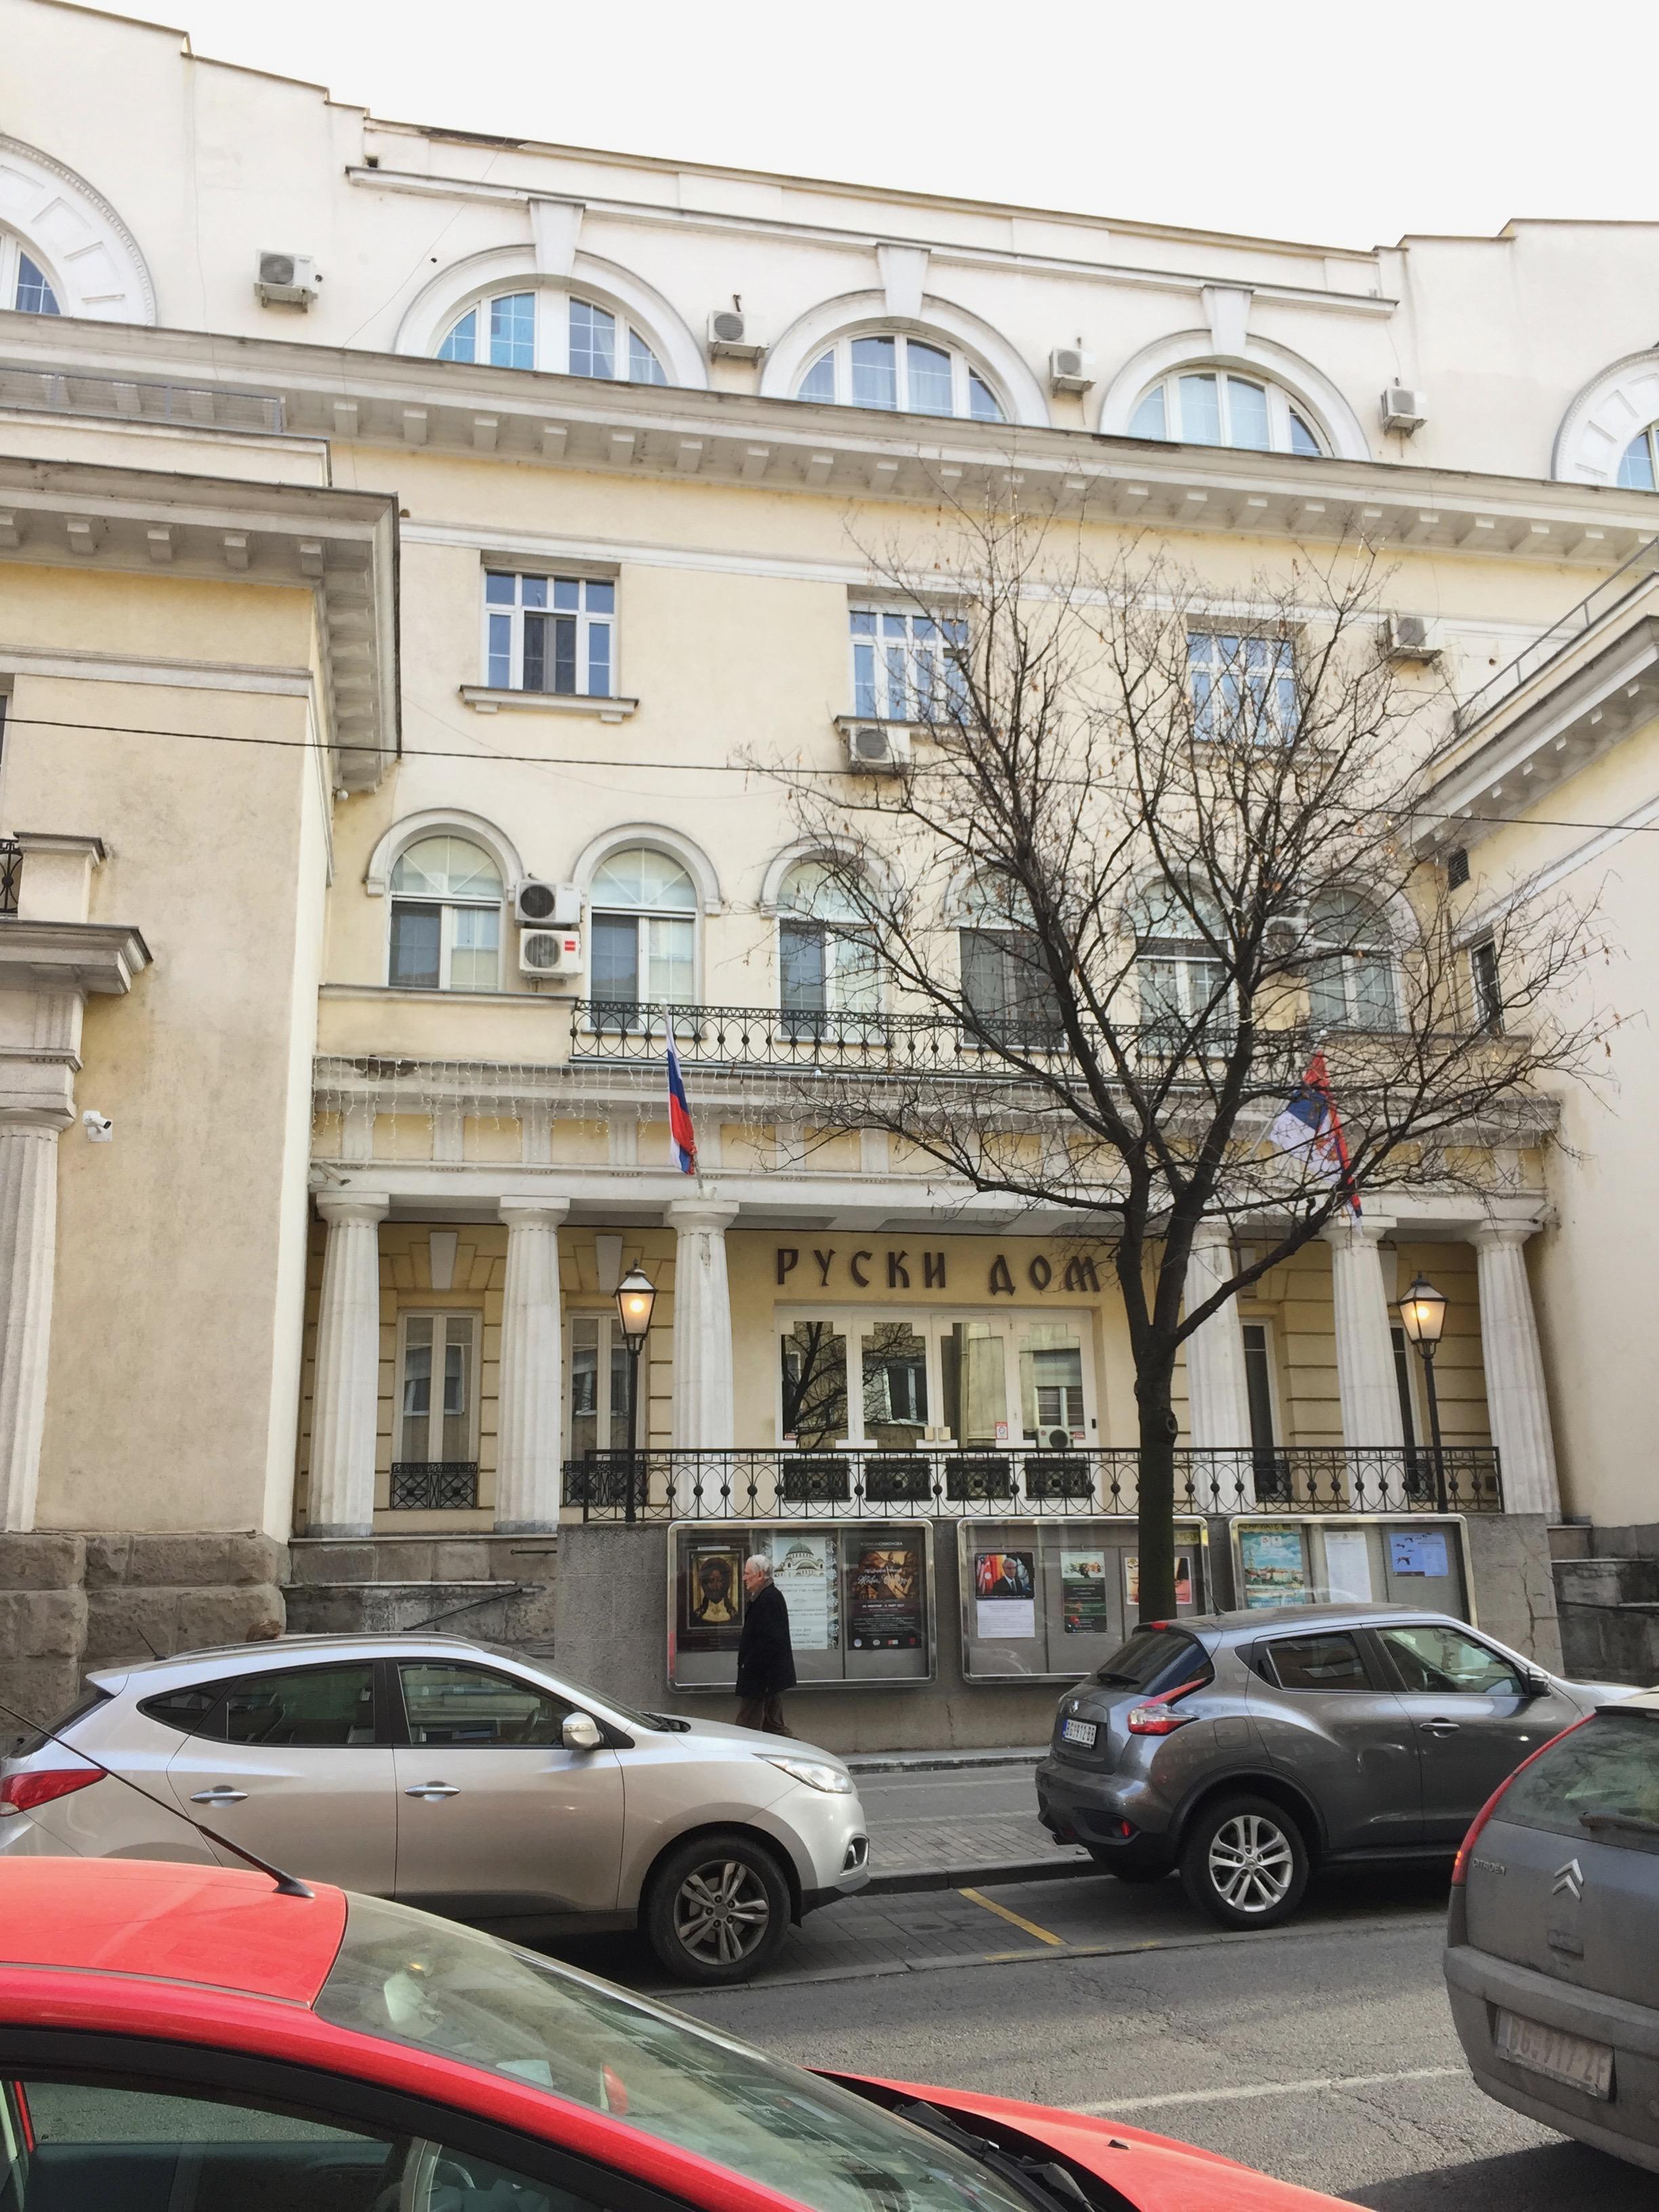 「ロシアの家」というロシア関係の建物